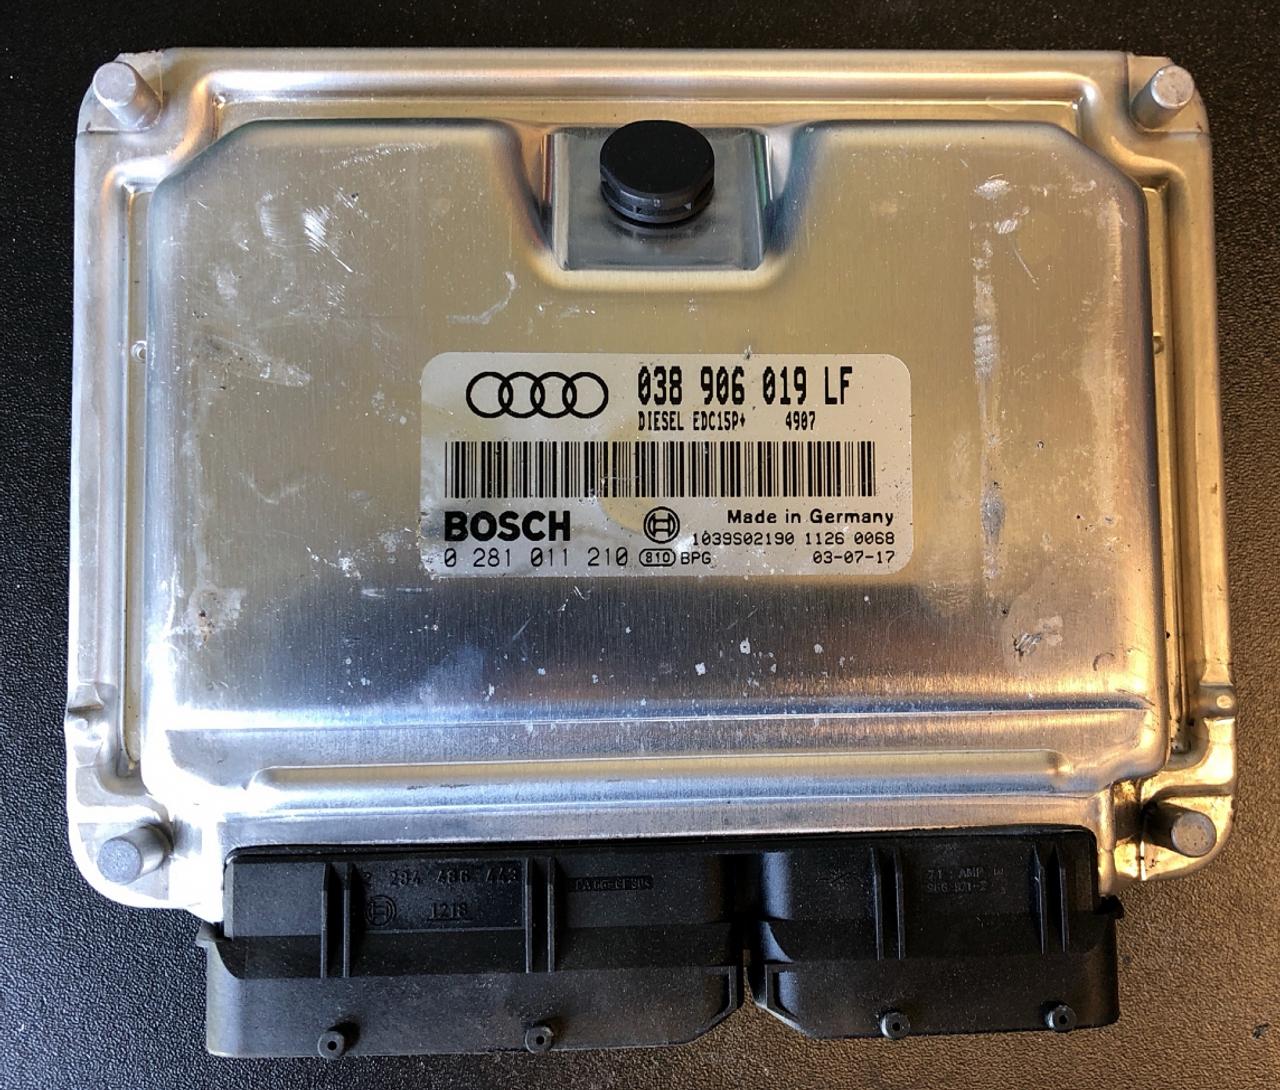 Audi, 0281011210, 0281 011 210, 038906019LF, 038 906 019 LF, EDC15P+